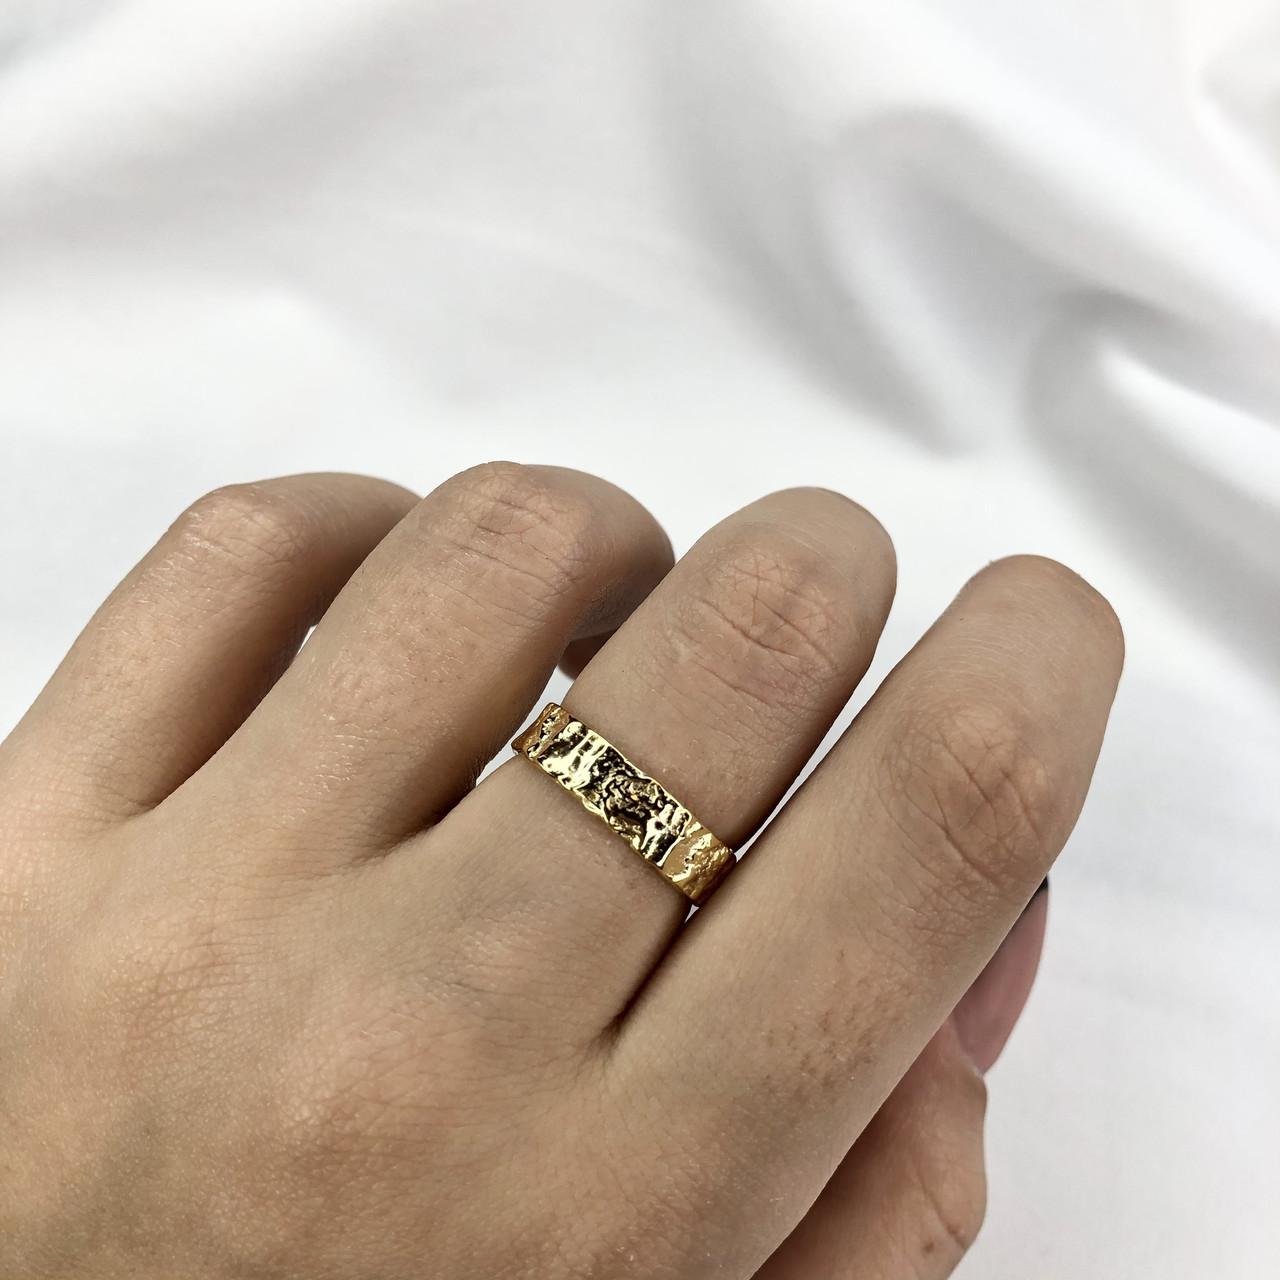 Серебряное Кольцо Женское City-A Кольцо из Серебра 925 Позолоченное Регулируемое Безразмерное №3002